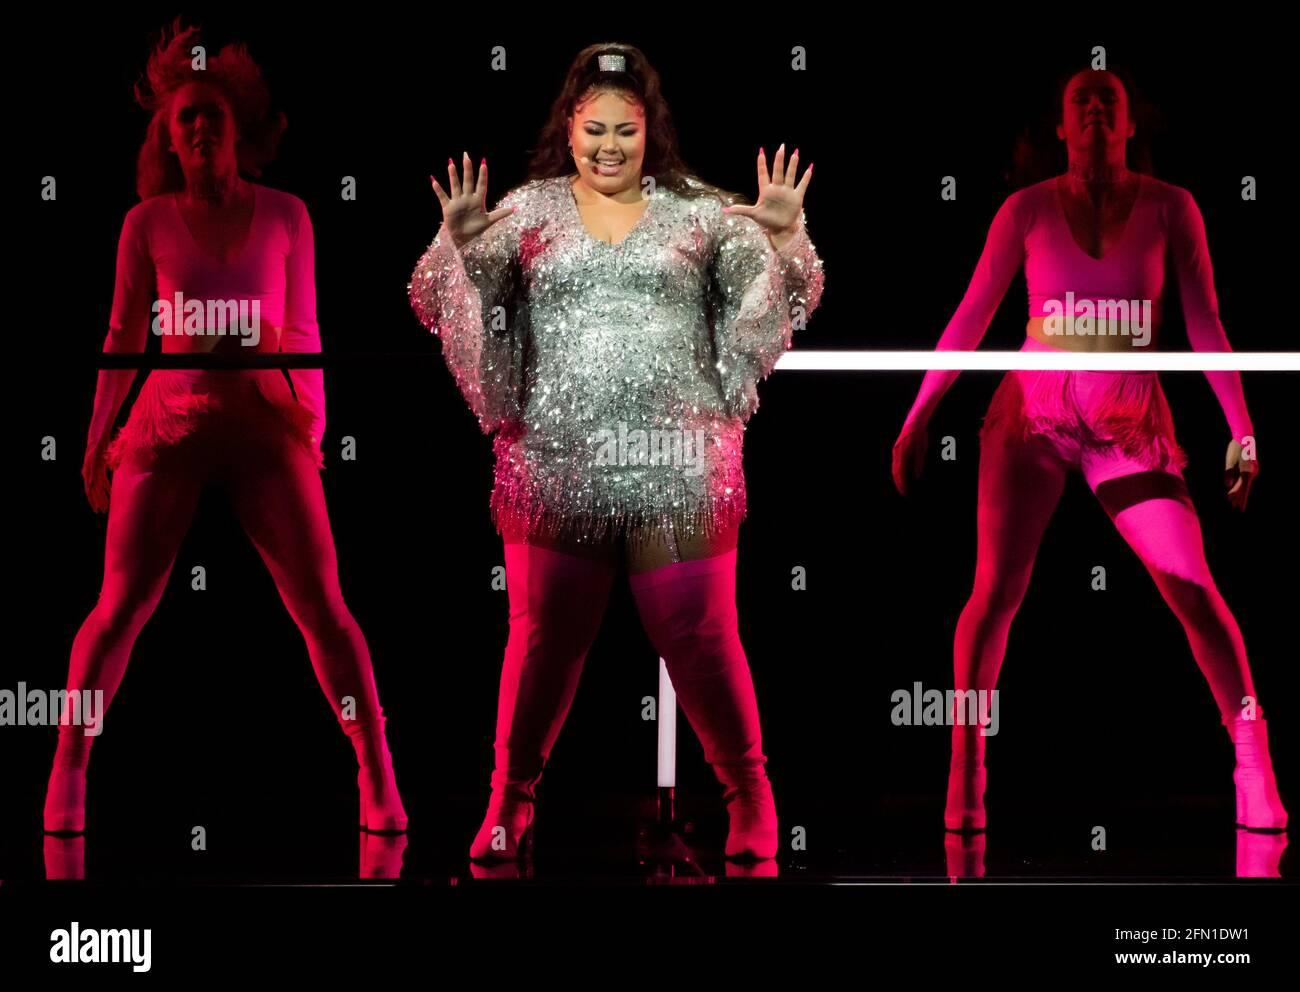 Rotterdam, Paesi Bassi. 13 maggio 2021. Destiny Chukunyere, in rappresentanza di Malta che ha eseguito la canzone JE Me casse alla prova del concorso di canzoni Eurovisione 2021. Credit: Notizie dal vivo di Nearchos/Alamy Foto Stock